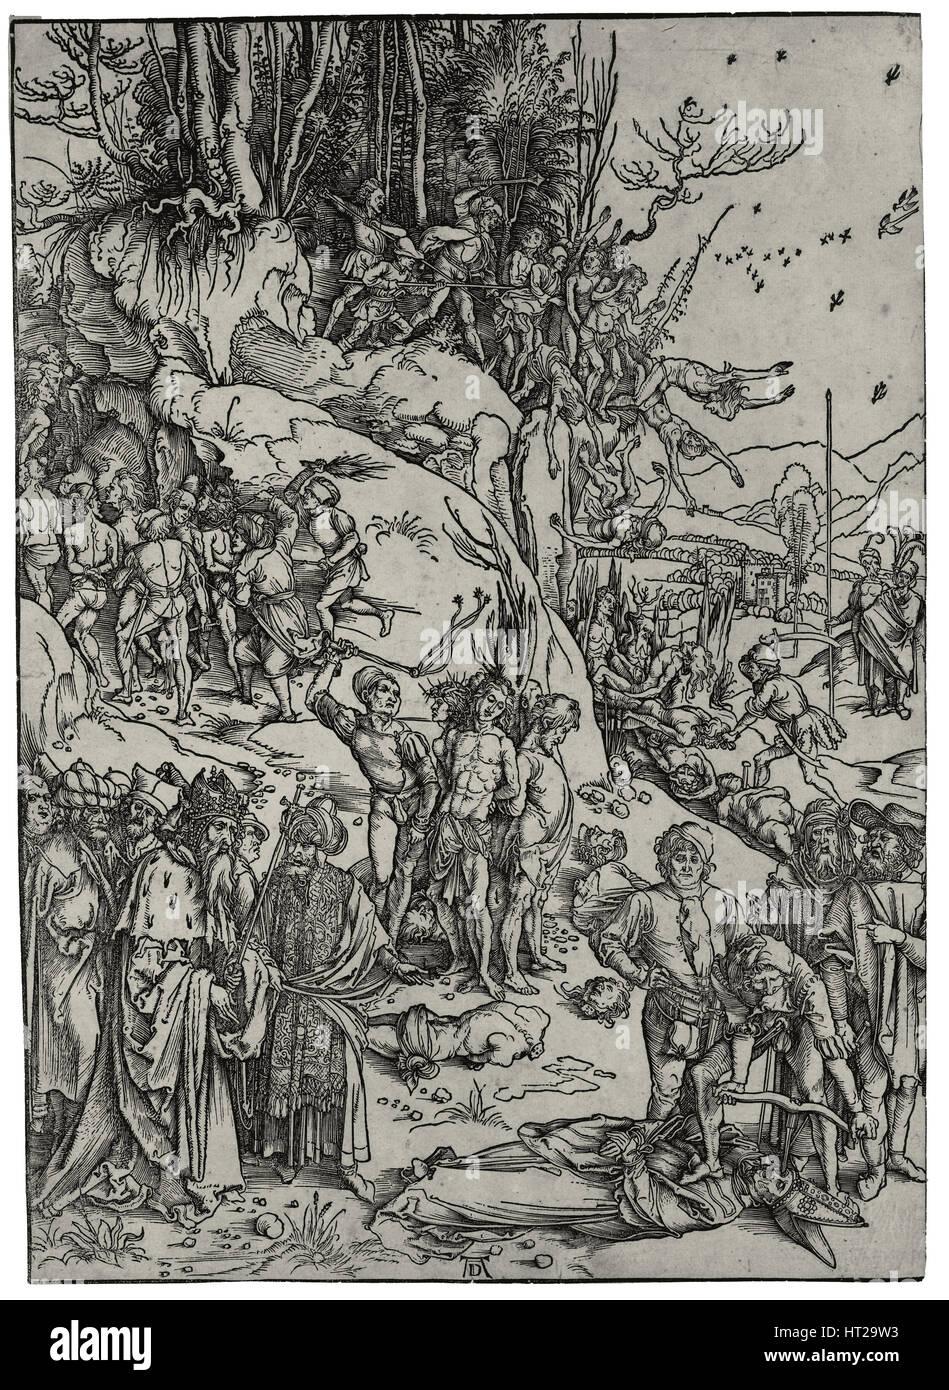 Das Martyrium der zehntausend, 1497. Künstler: Dürer, Albrecht (1471-1528)Stockfoto